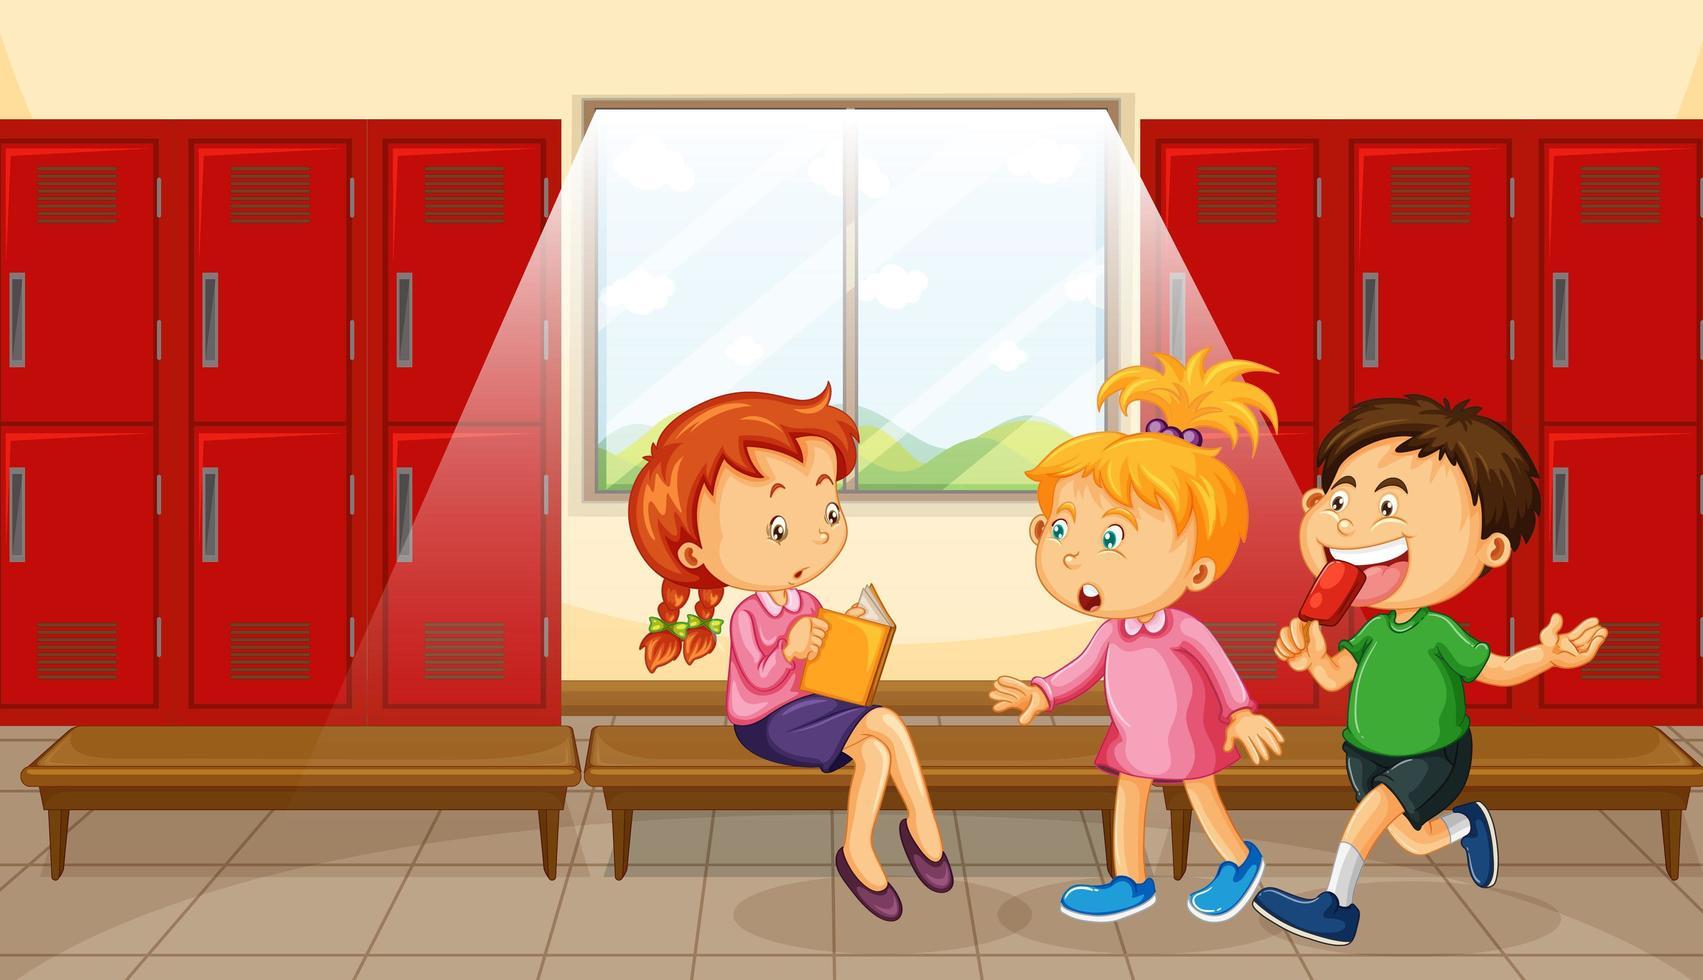 groupe d & # 39; enfants au vestiaire vecteur